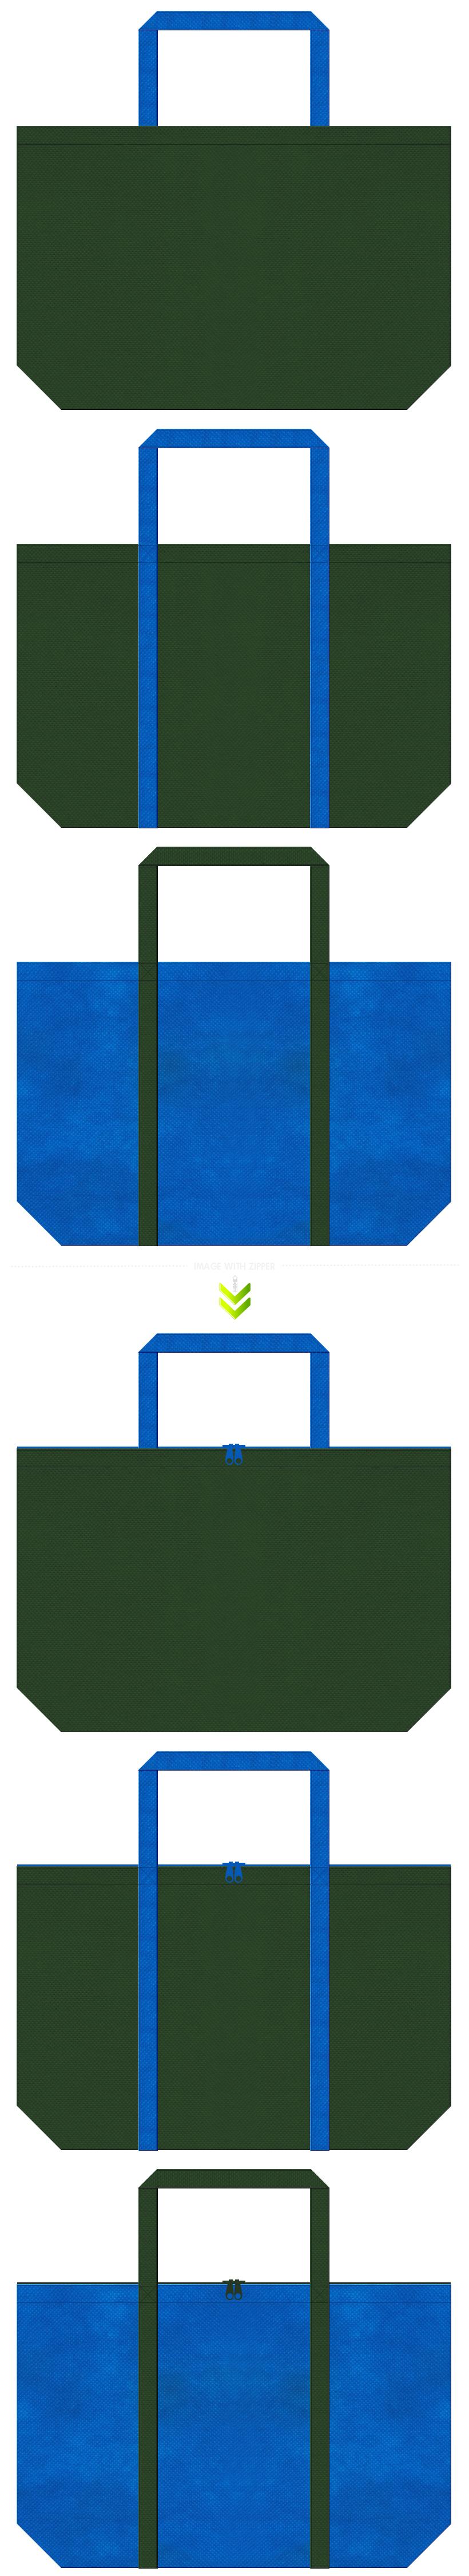 不織布バッグのデザイン:不織布カラーNo.27ダークグリーンとNo.22スカイブルーの組み合わせ